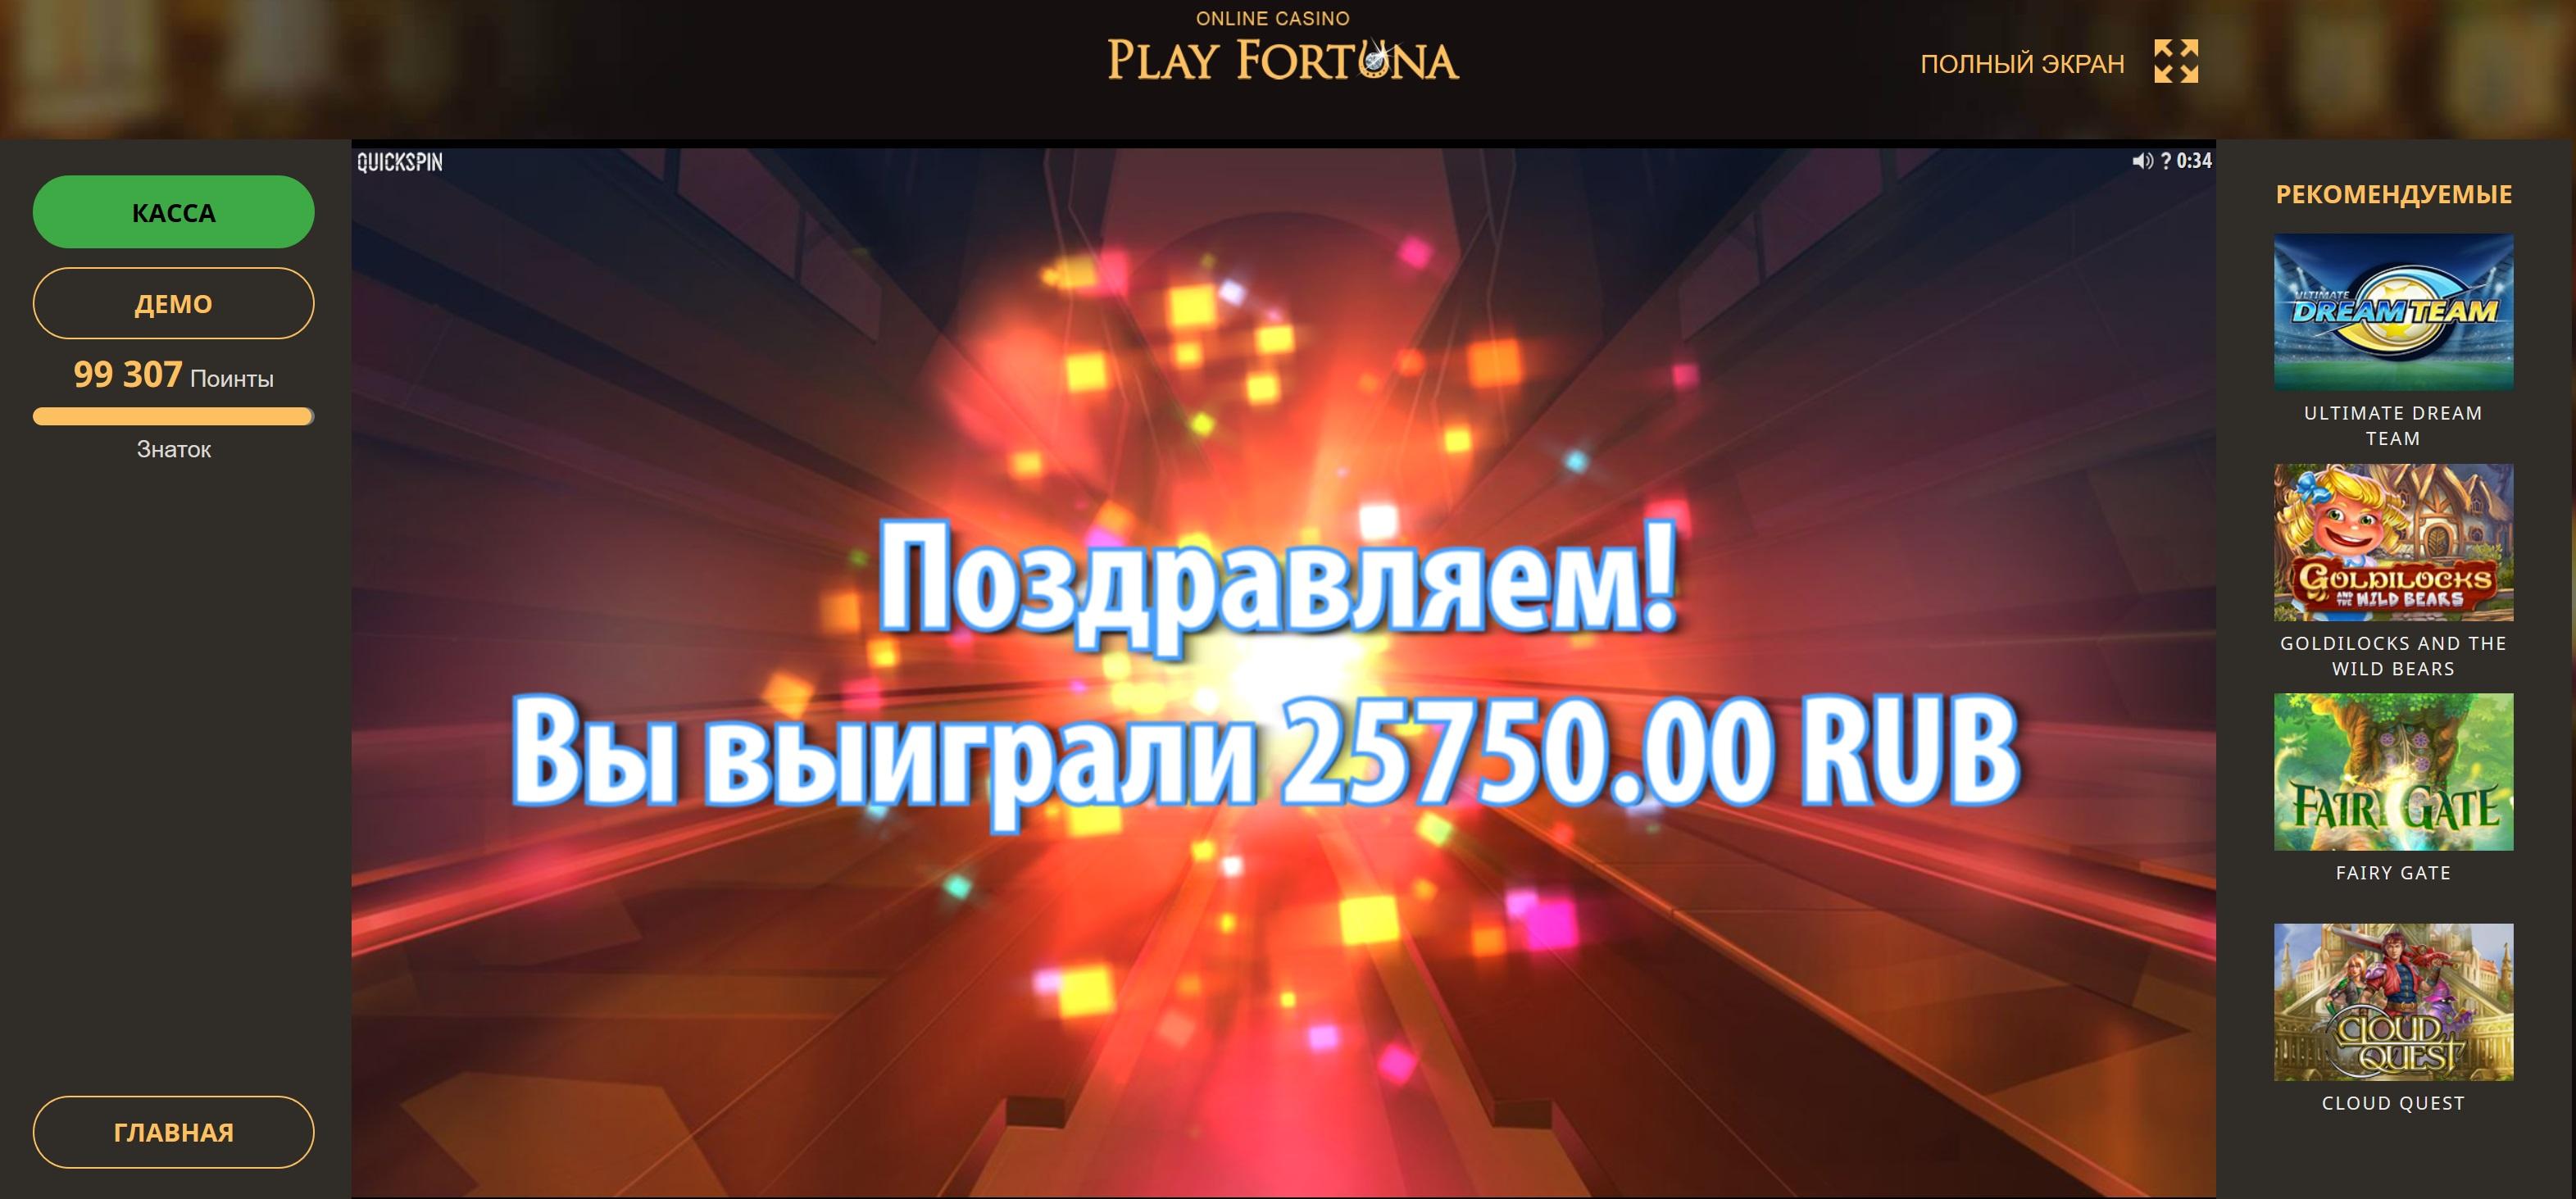 Первое впечатление о казино Play Fortuna